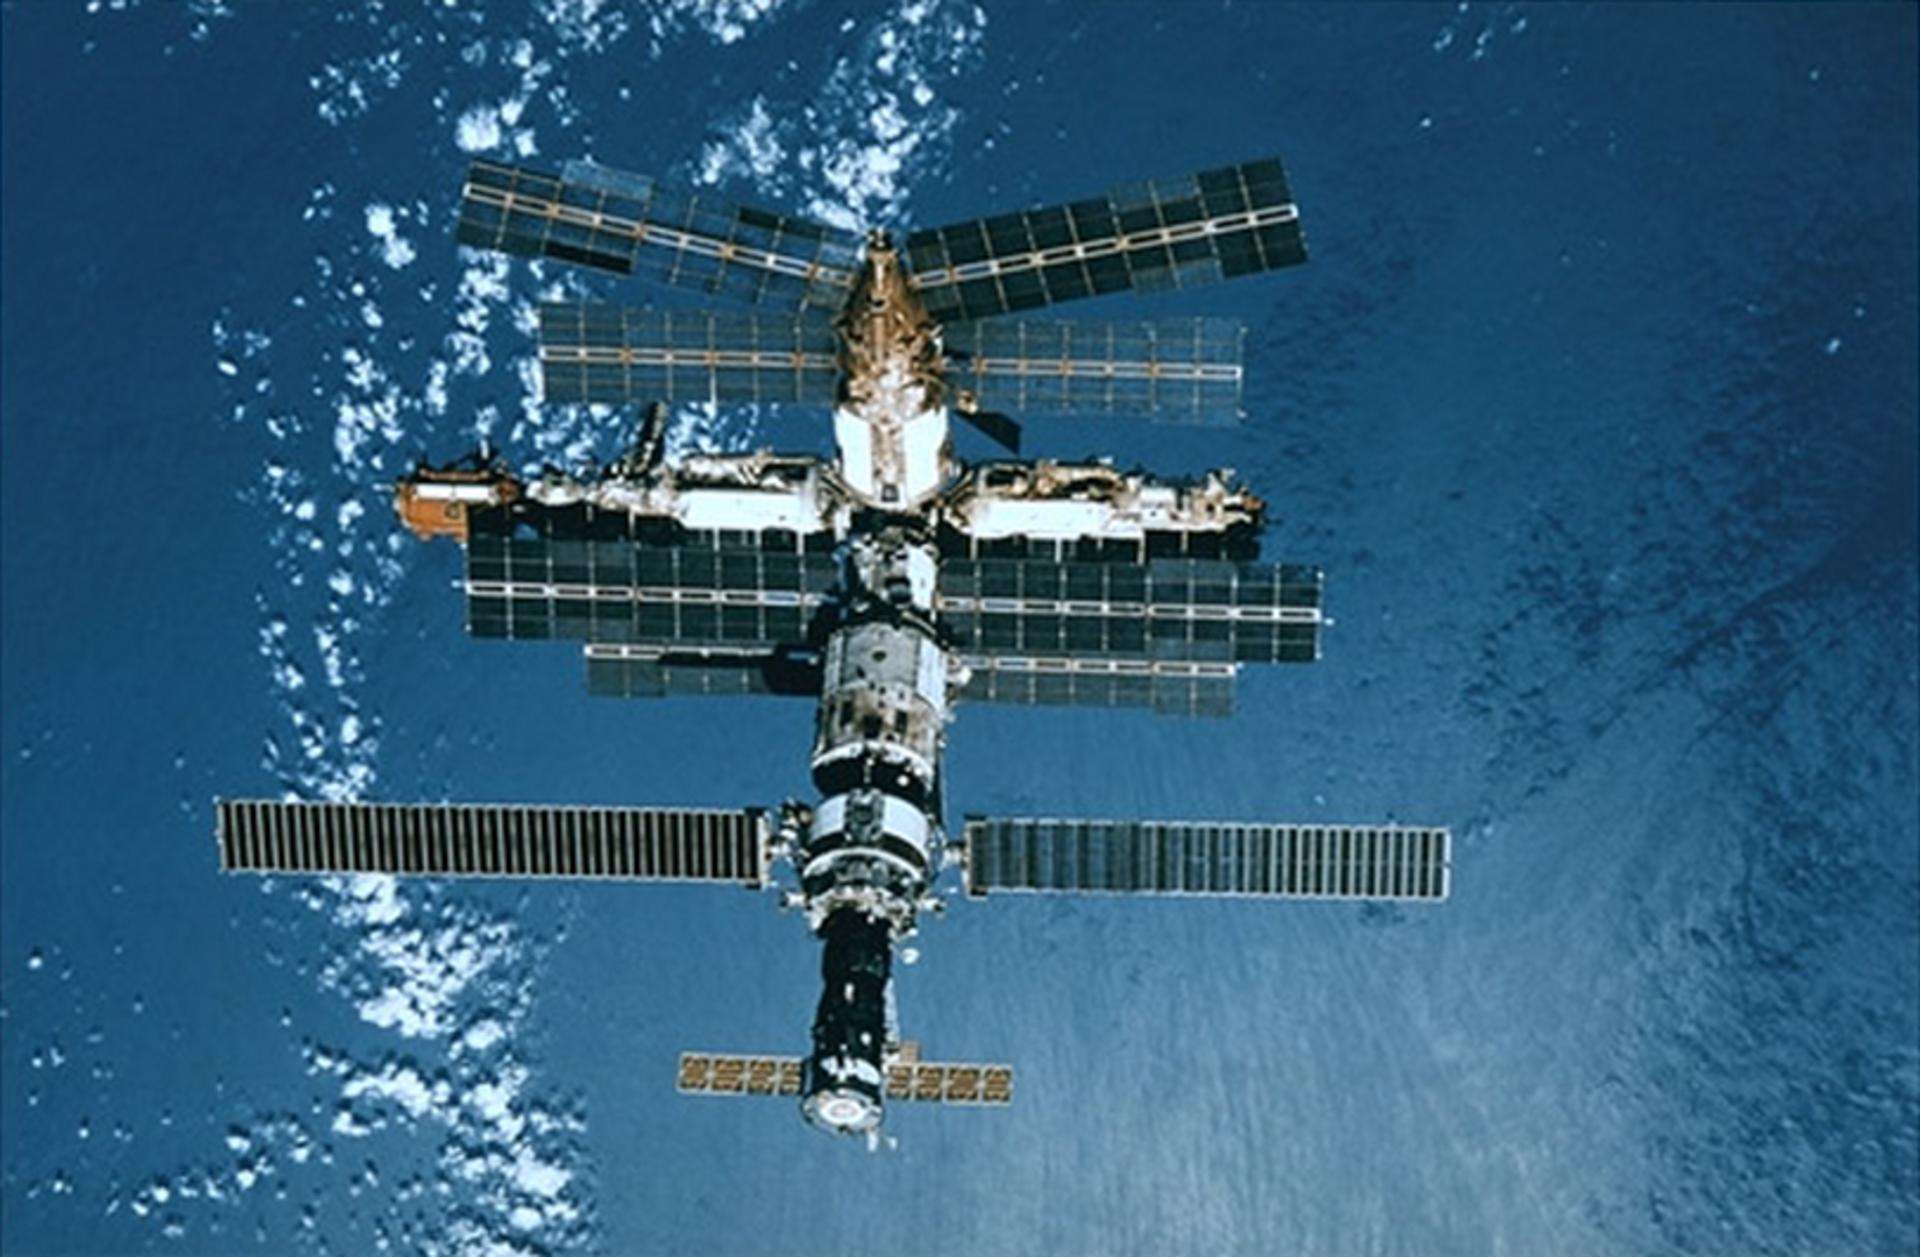 Esa Mir Space Station